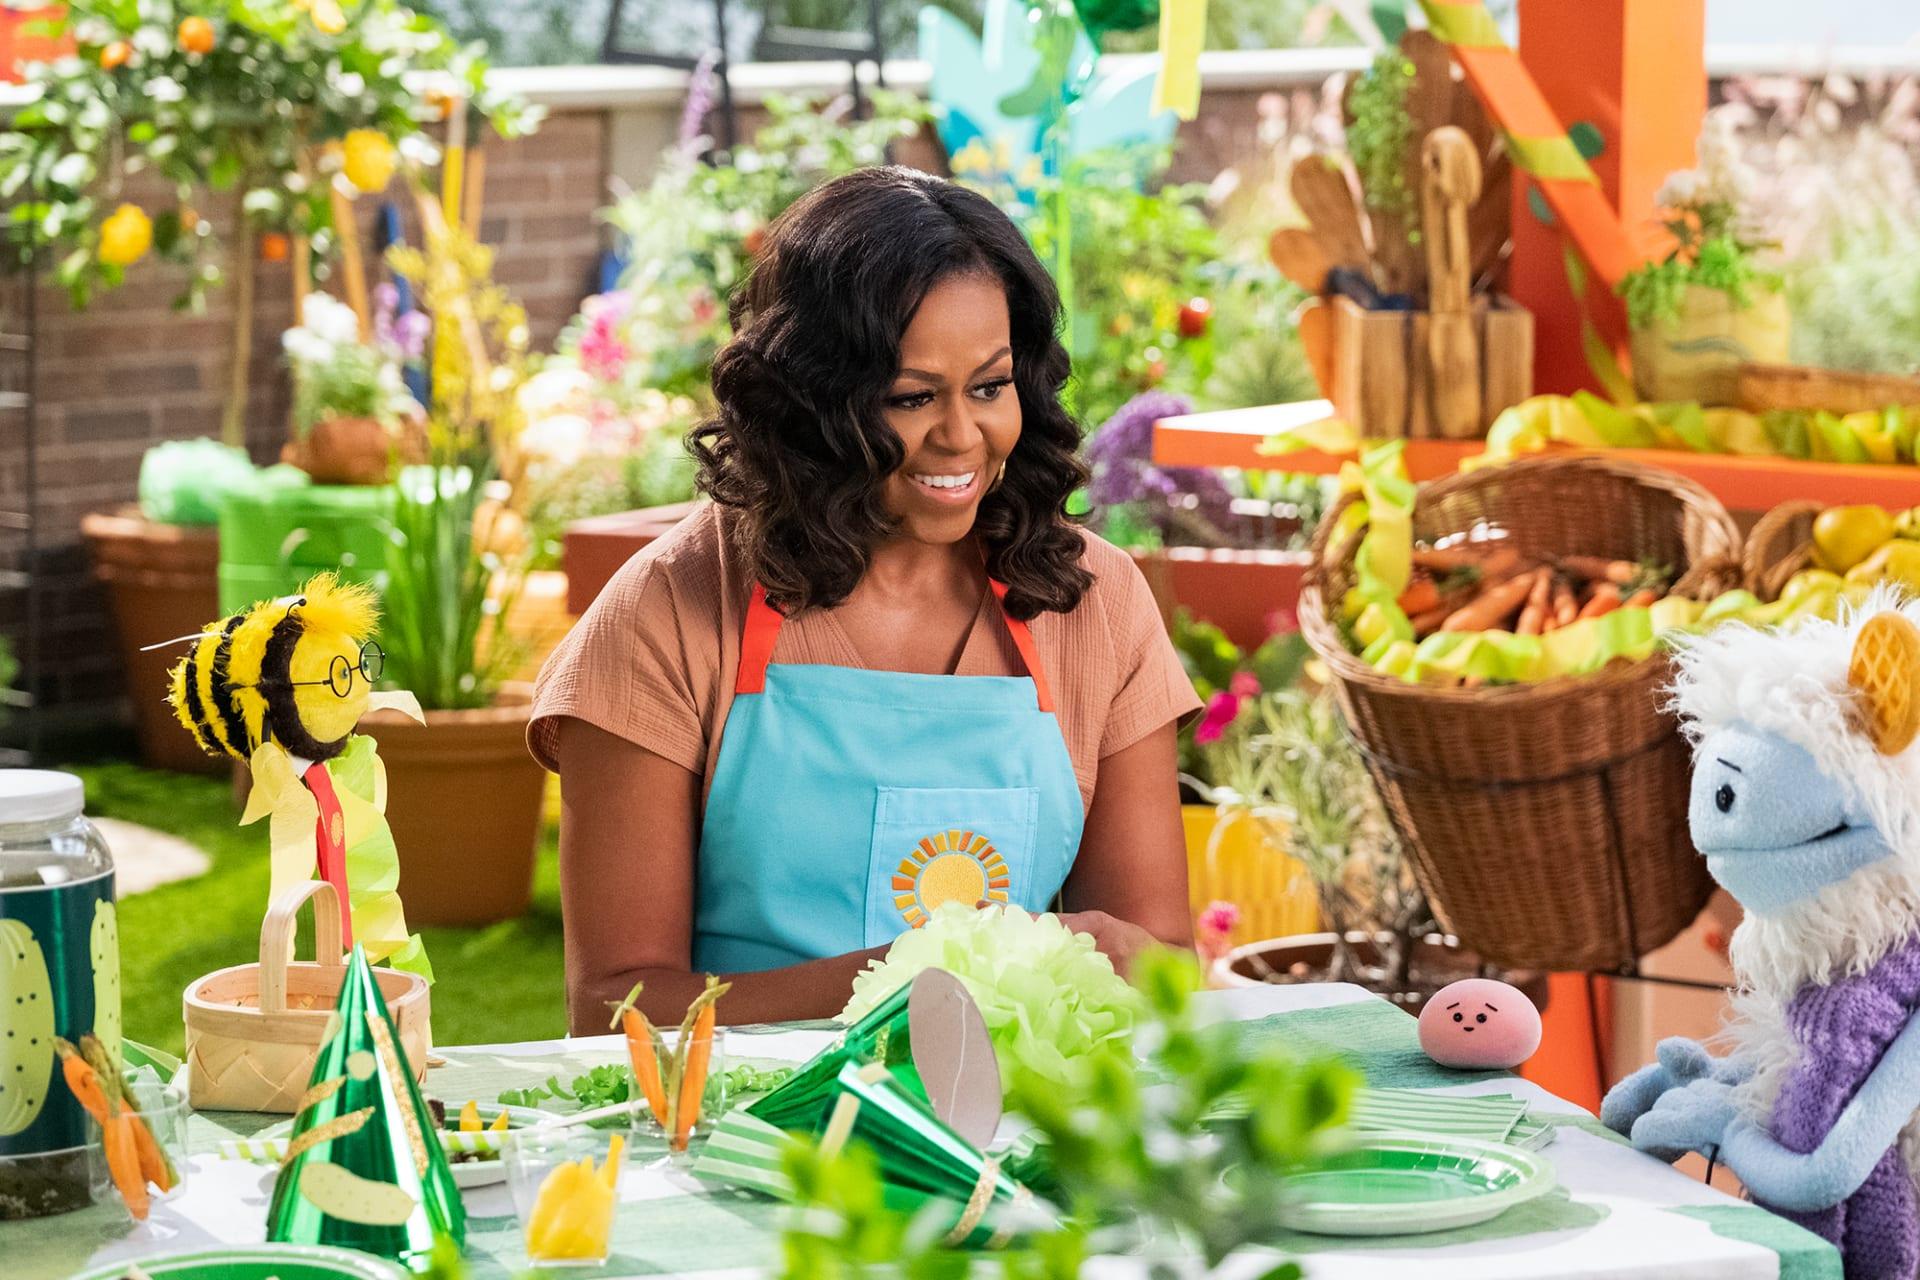 """ميشيل أوباما ستطلق برنامج طبخ للأطفال على """"نتفليكس"""""""